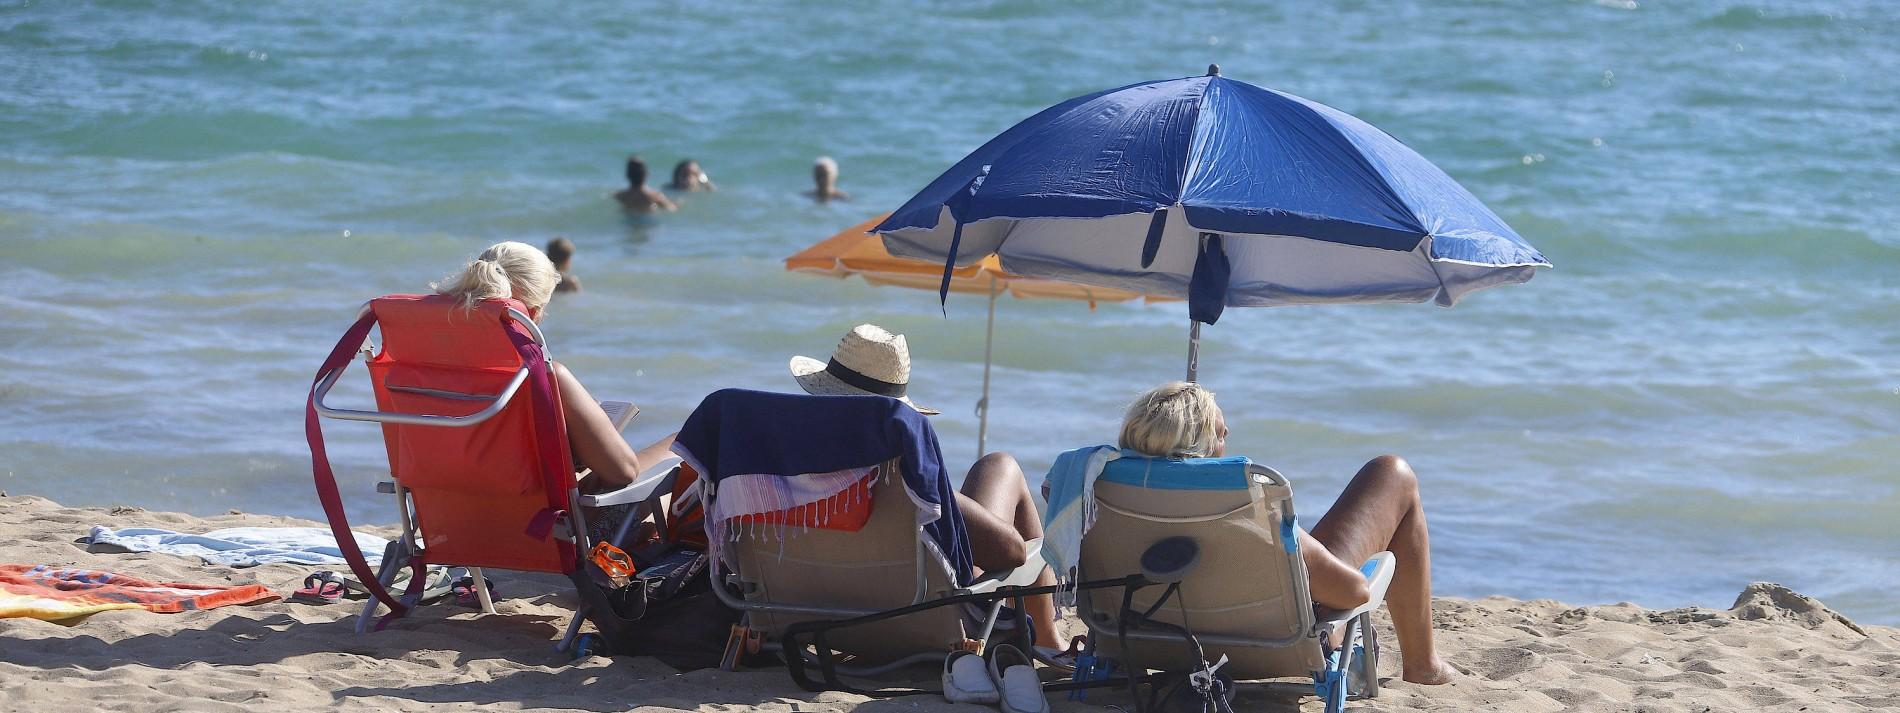 Tourismusbeauftragter rechnet mit Sommerferien im Ausland